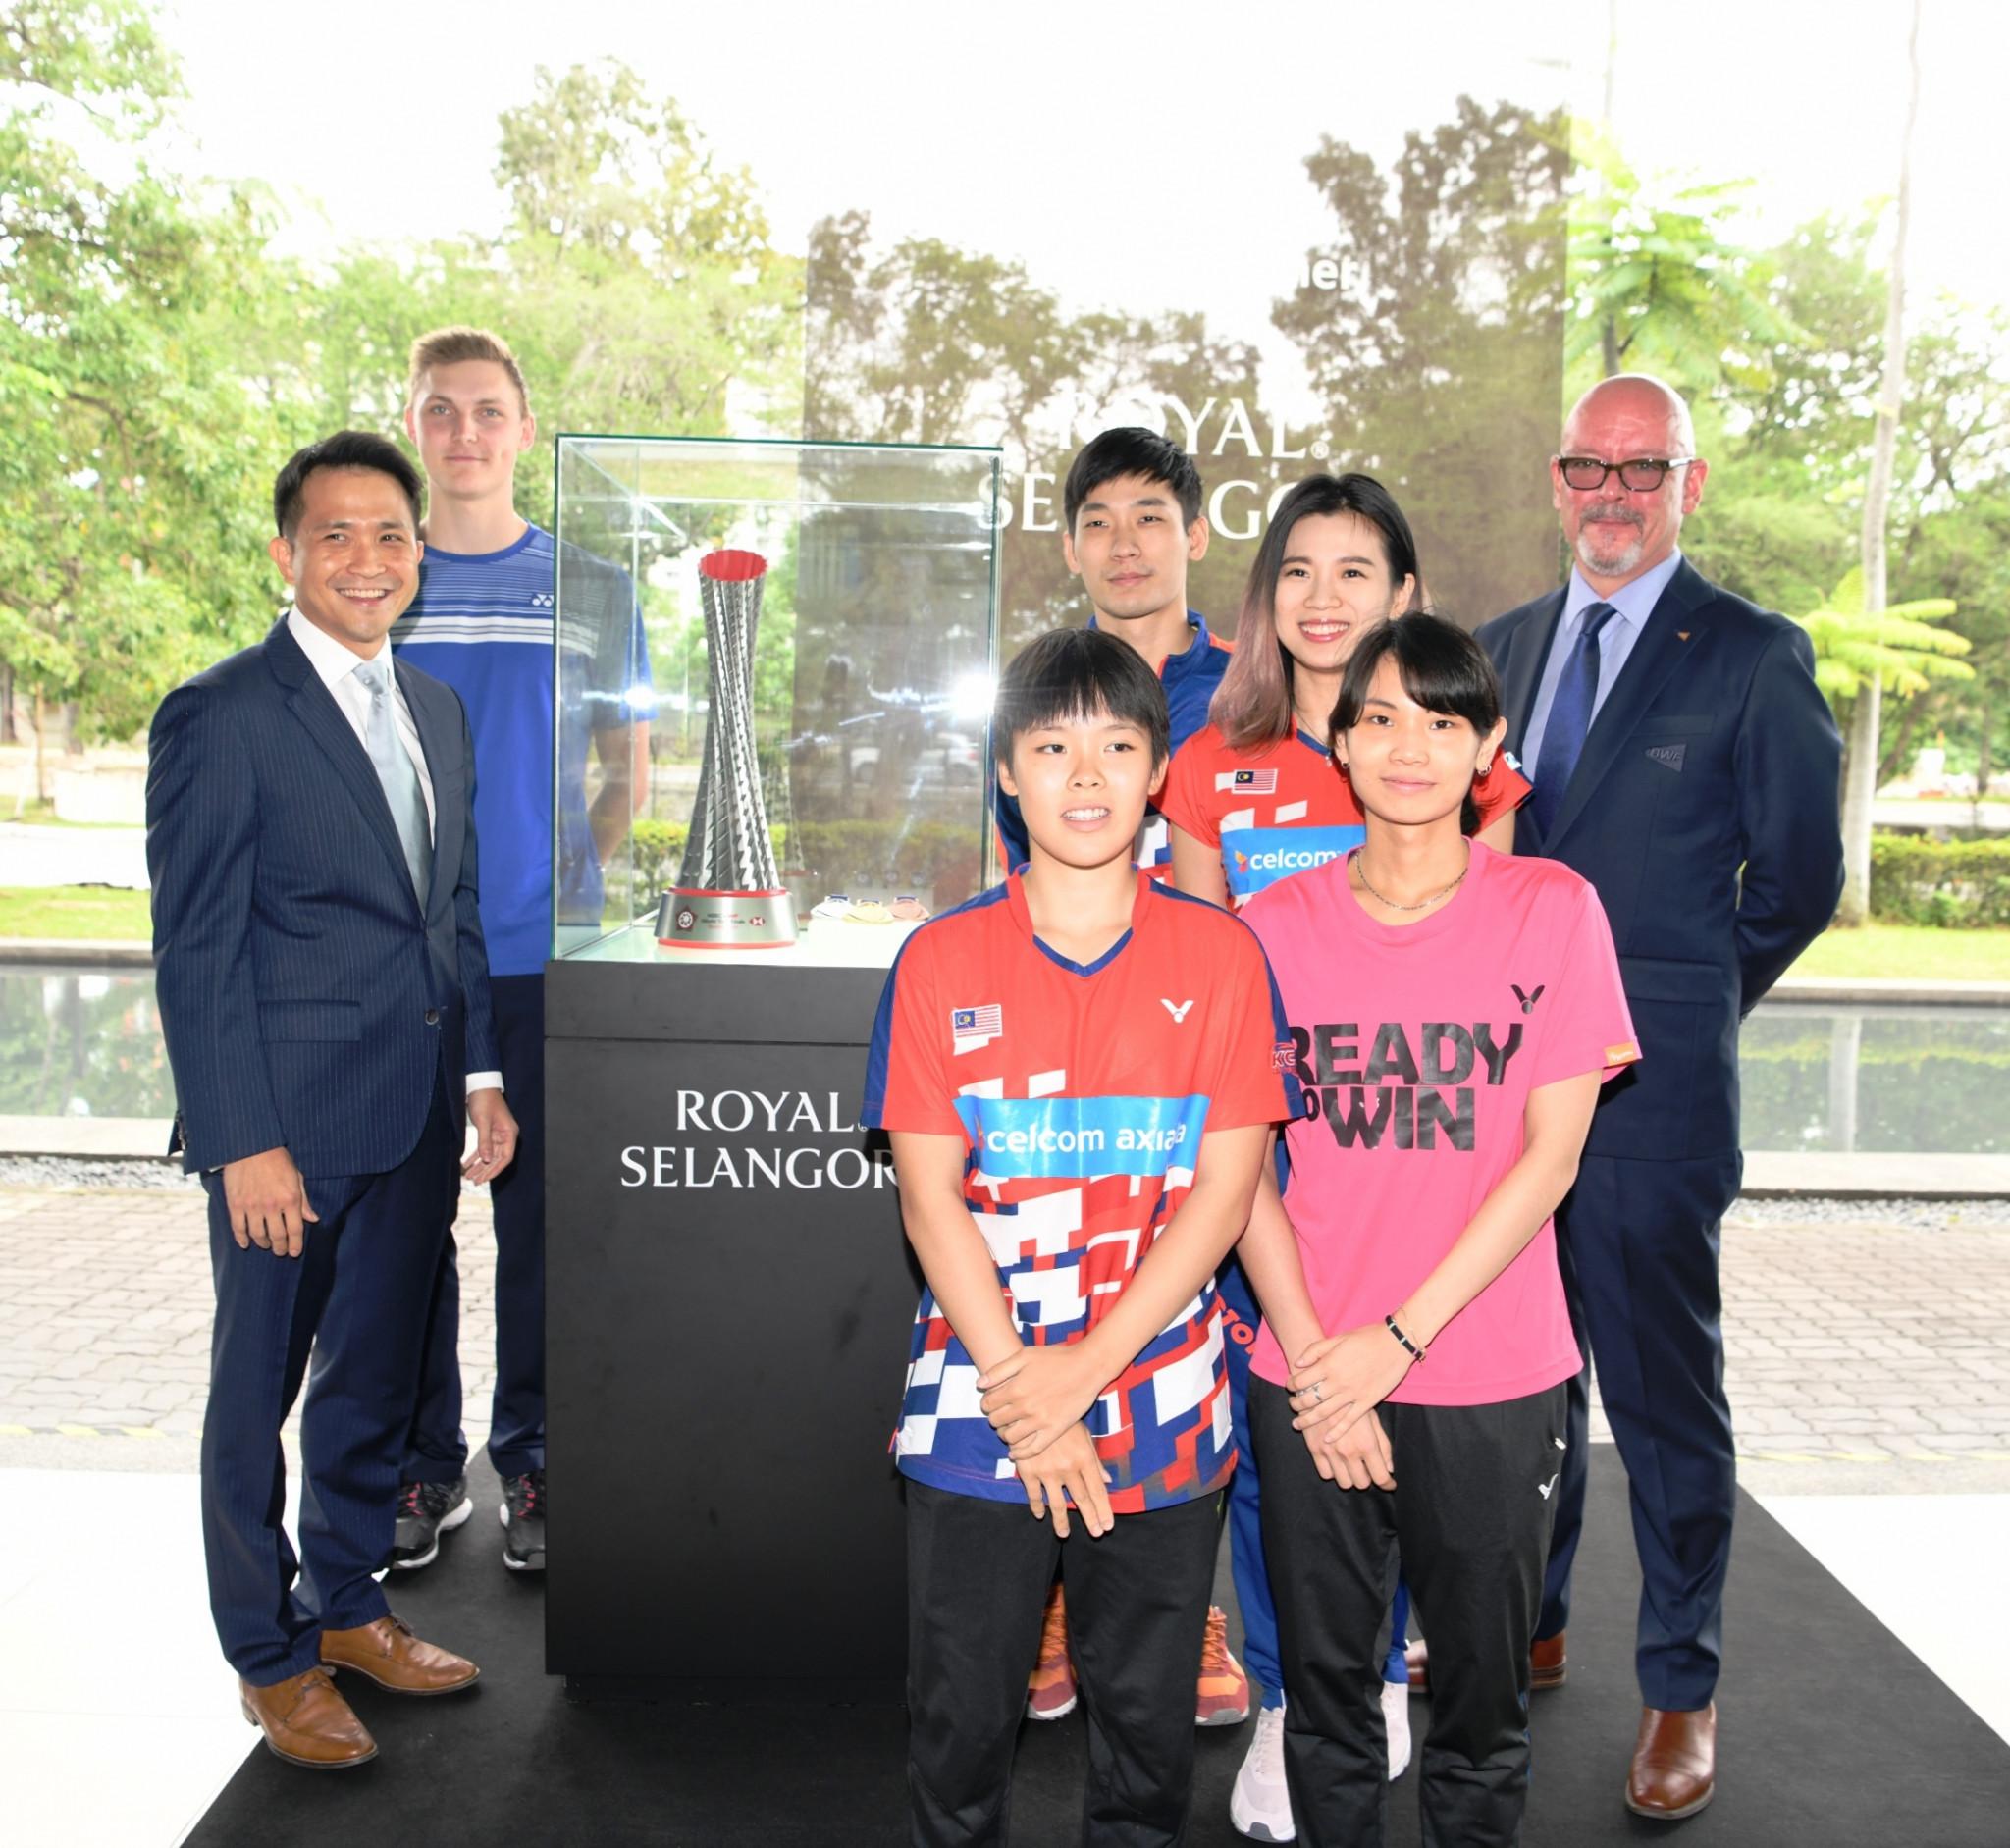 Royal Selangor named official trophy partner of HSBC BWF World Tour Finals